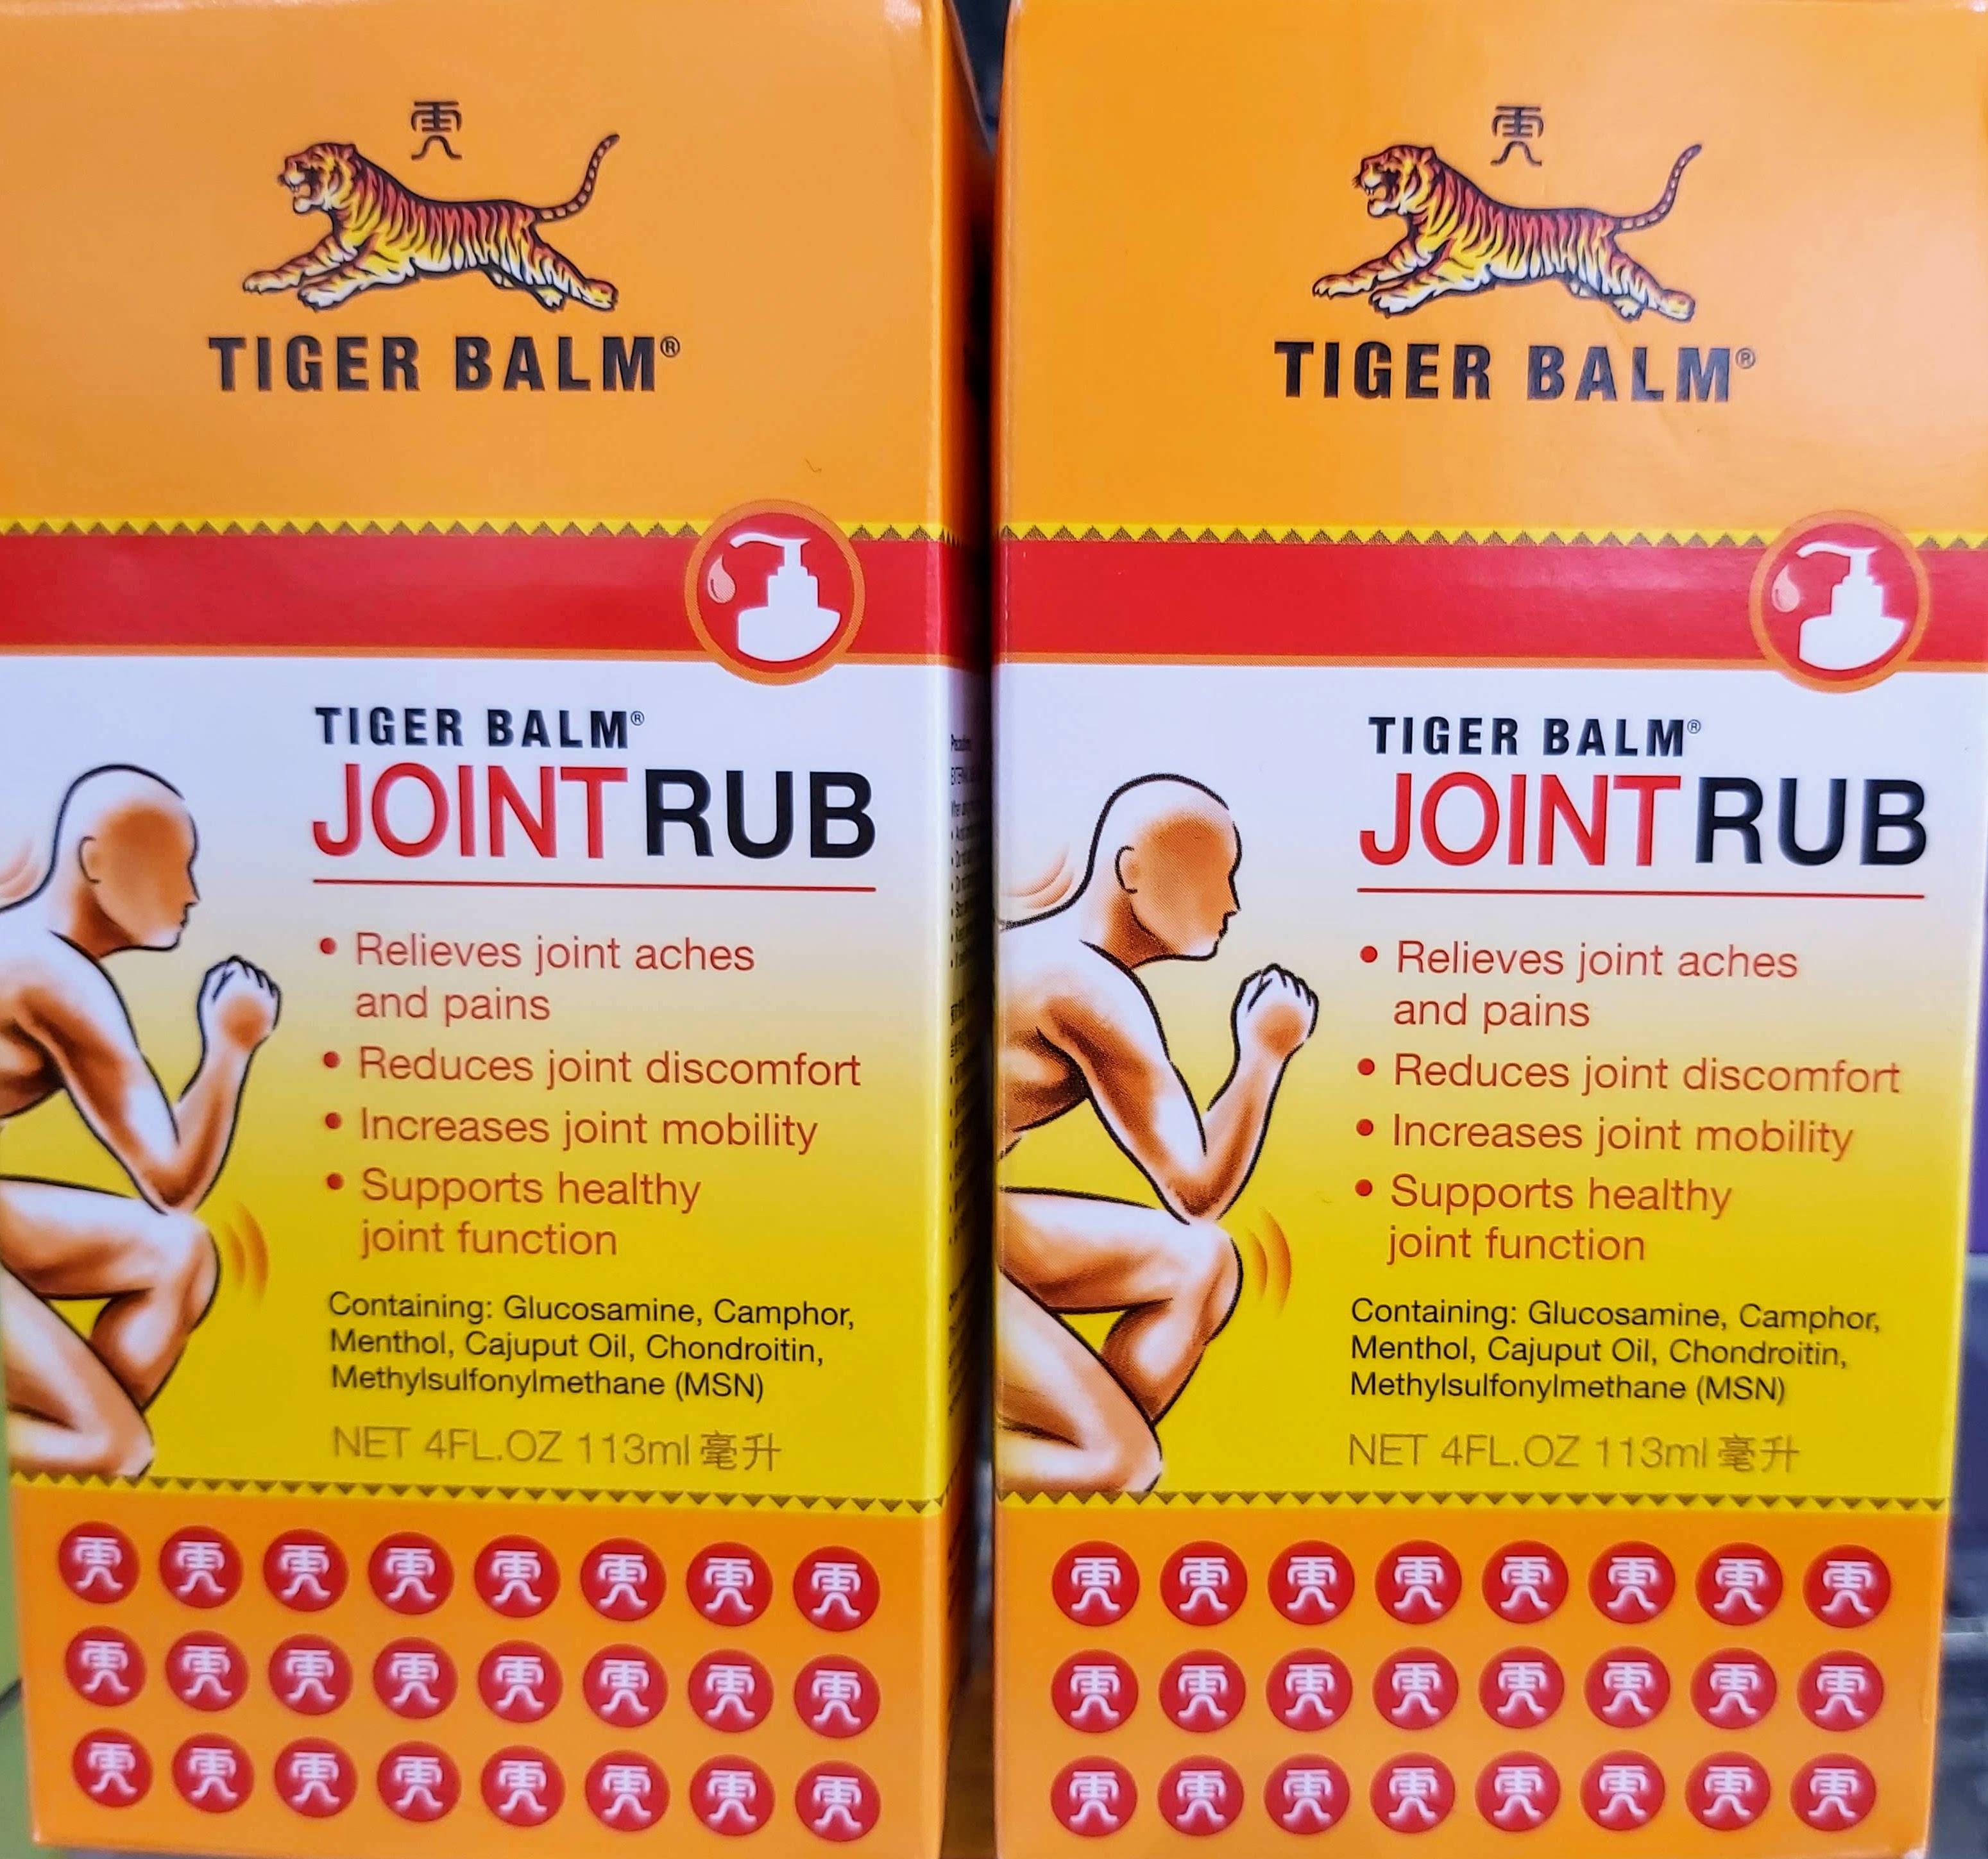 Especial para las articulaciones la eficacia de Tiger Balm en una formulación única desarrollada para el alivio del dolor de la artritis, dirigida a los dolores y rigidez en las articulaciones